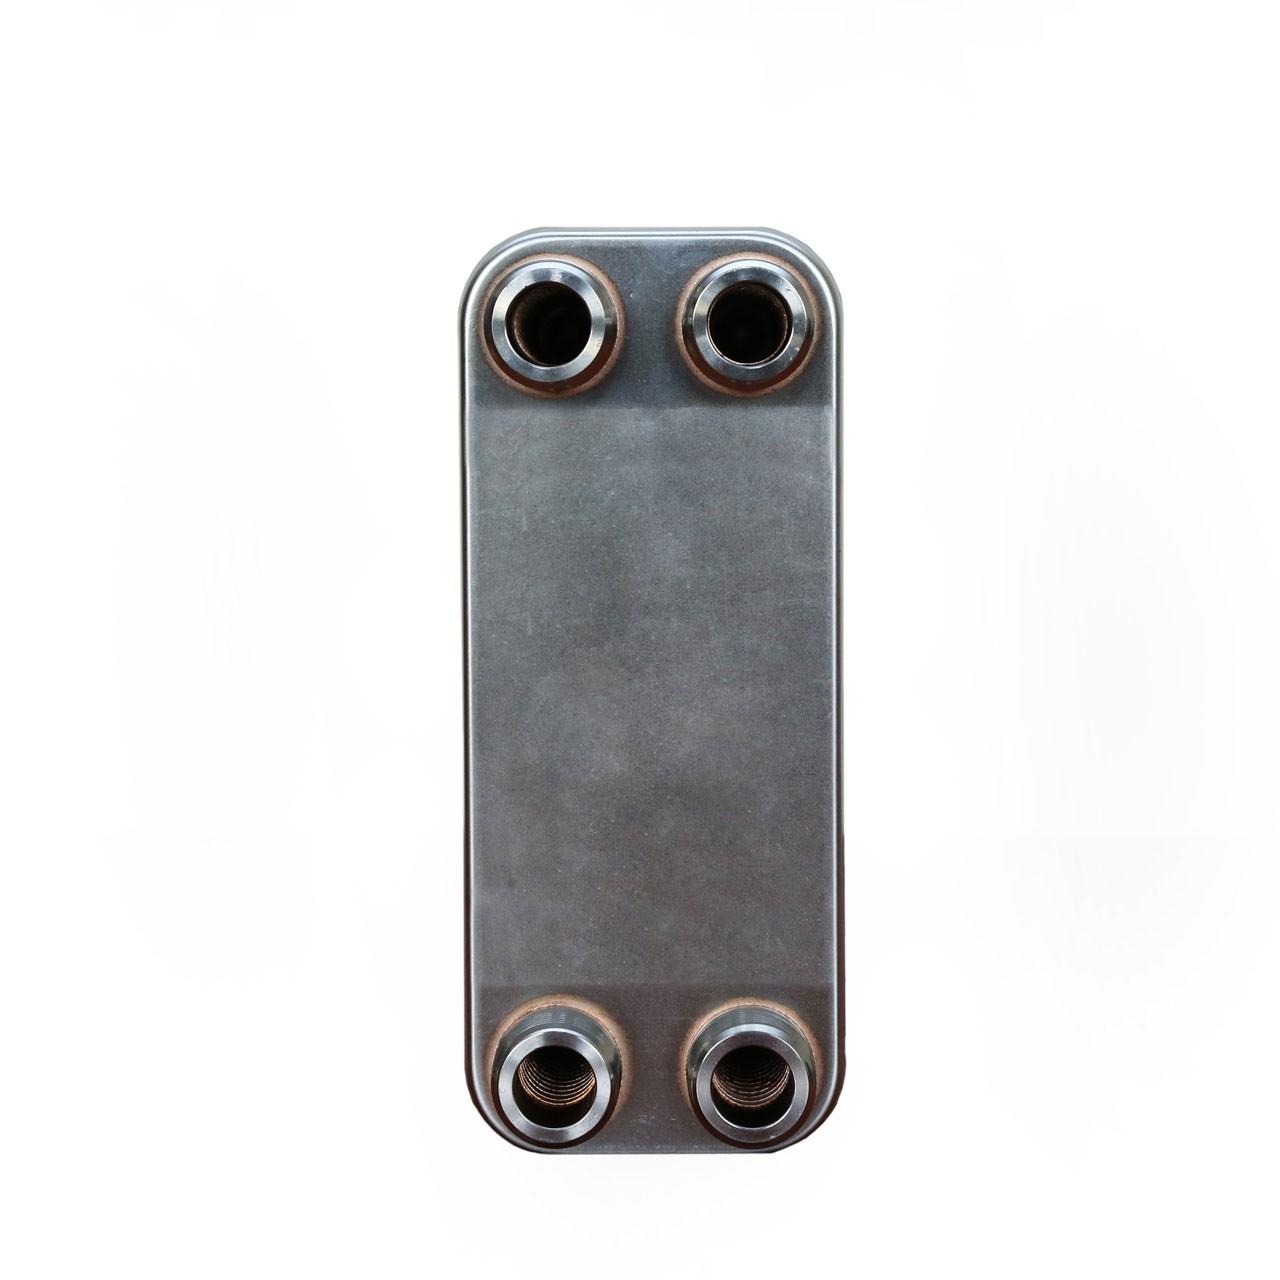 مبدل حرارتی صفحه ای هپاکو مدل HP-120 با ظرفیت 1200 لیتر بر ساعت